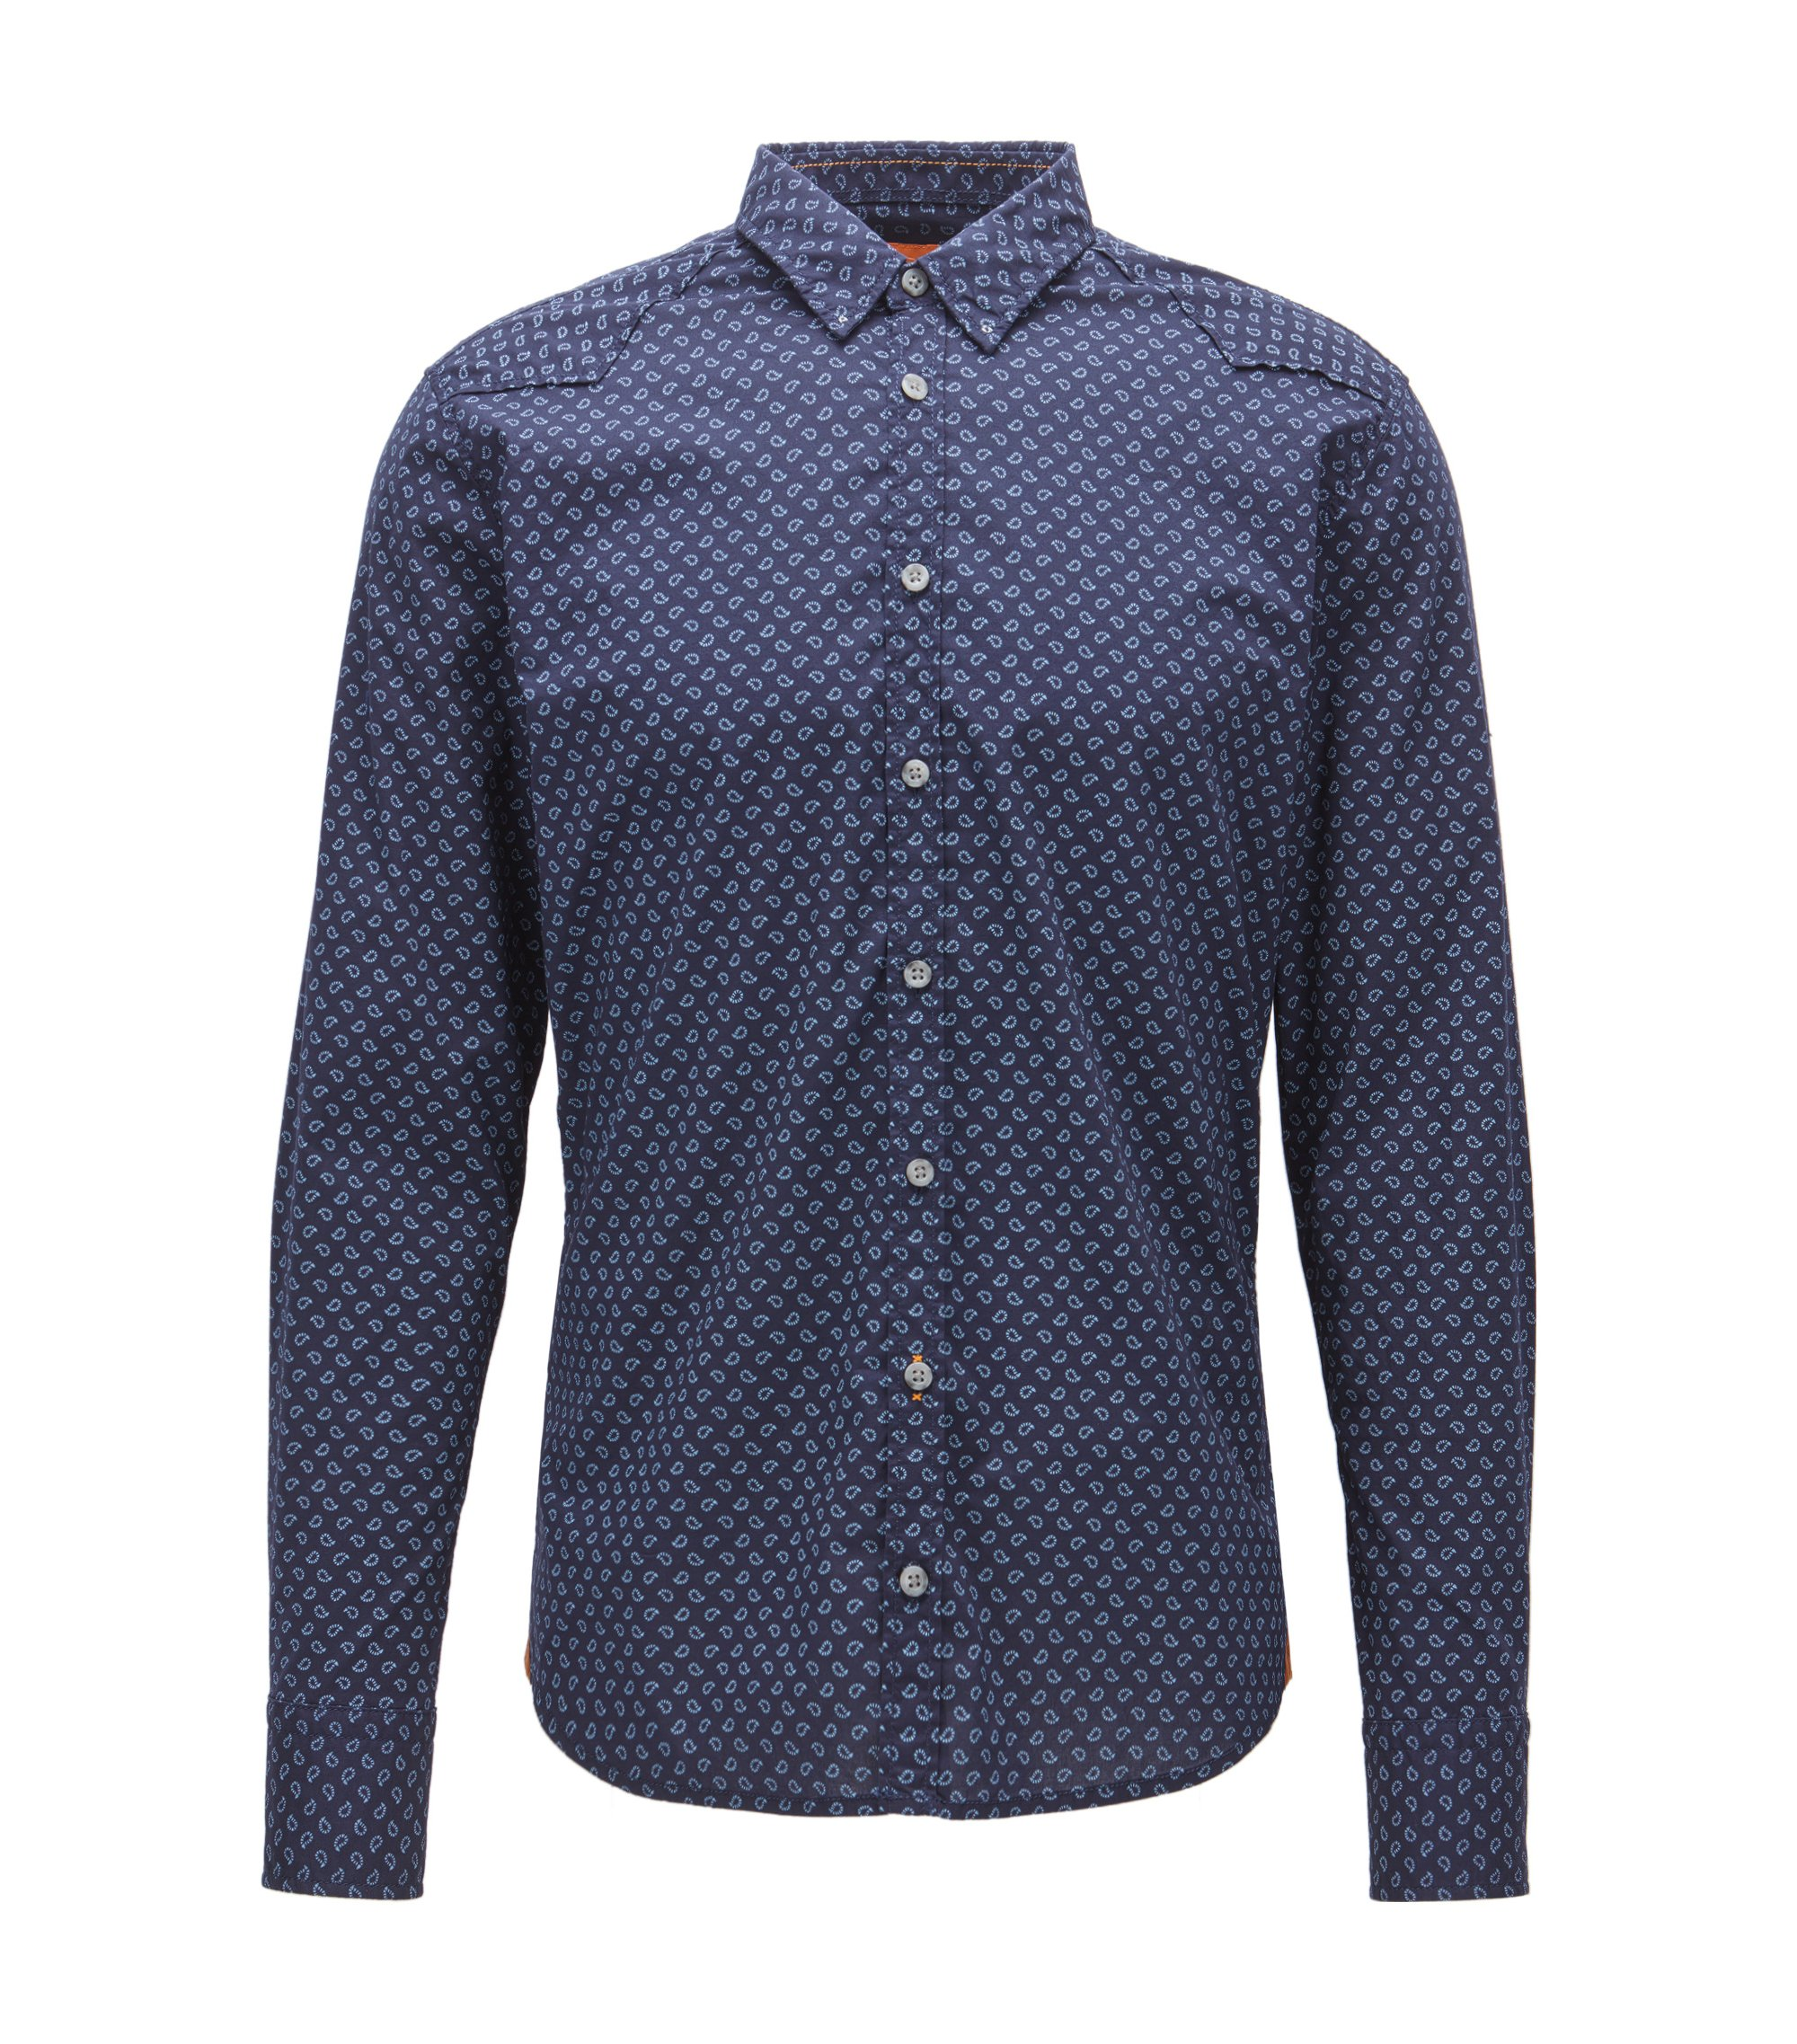 Extra Slim-Fit Hemd aus Baumwoll-Mix mit Allover Print, Dunkelblau